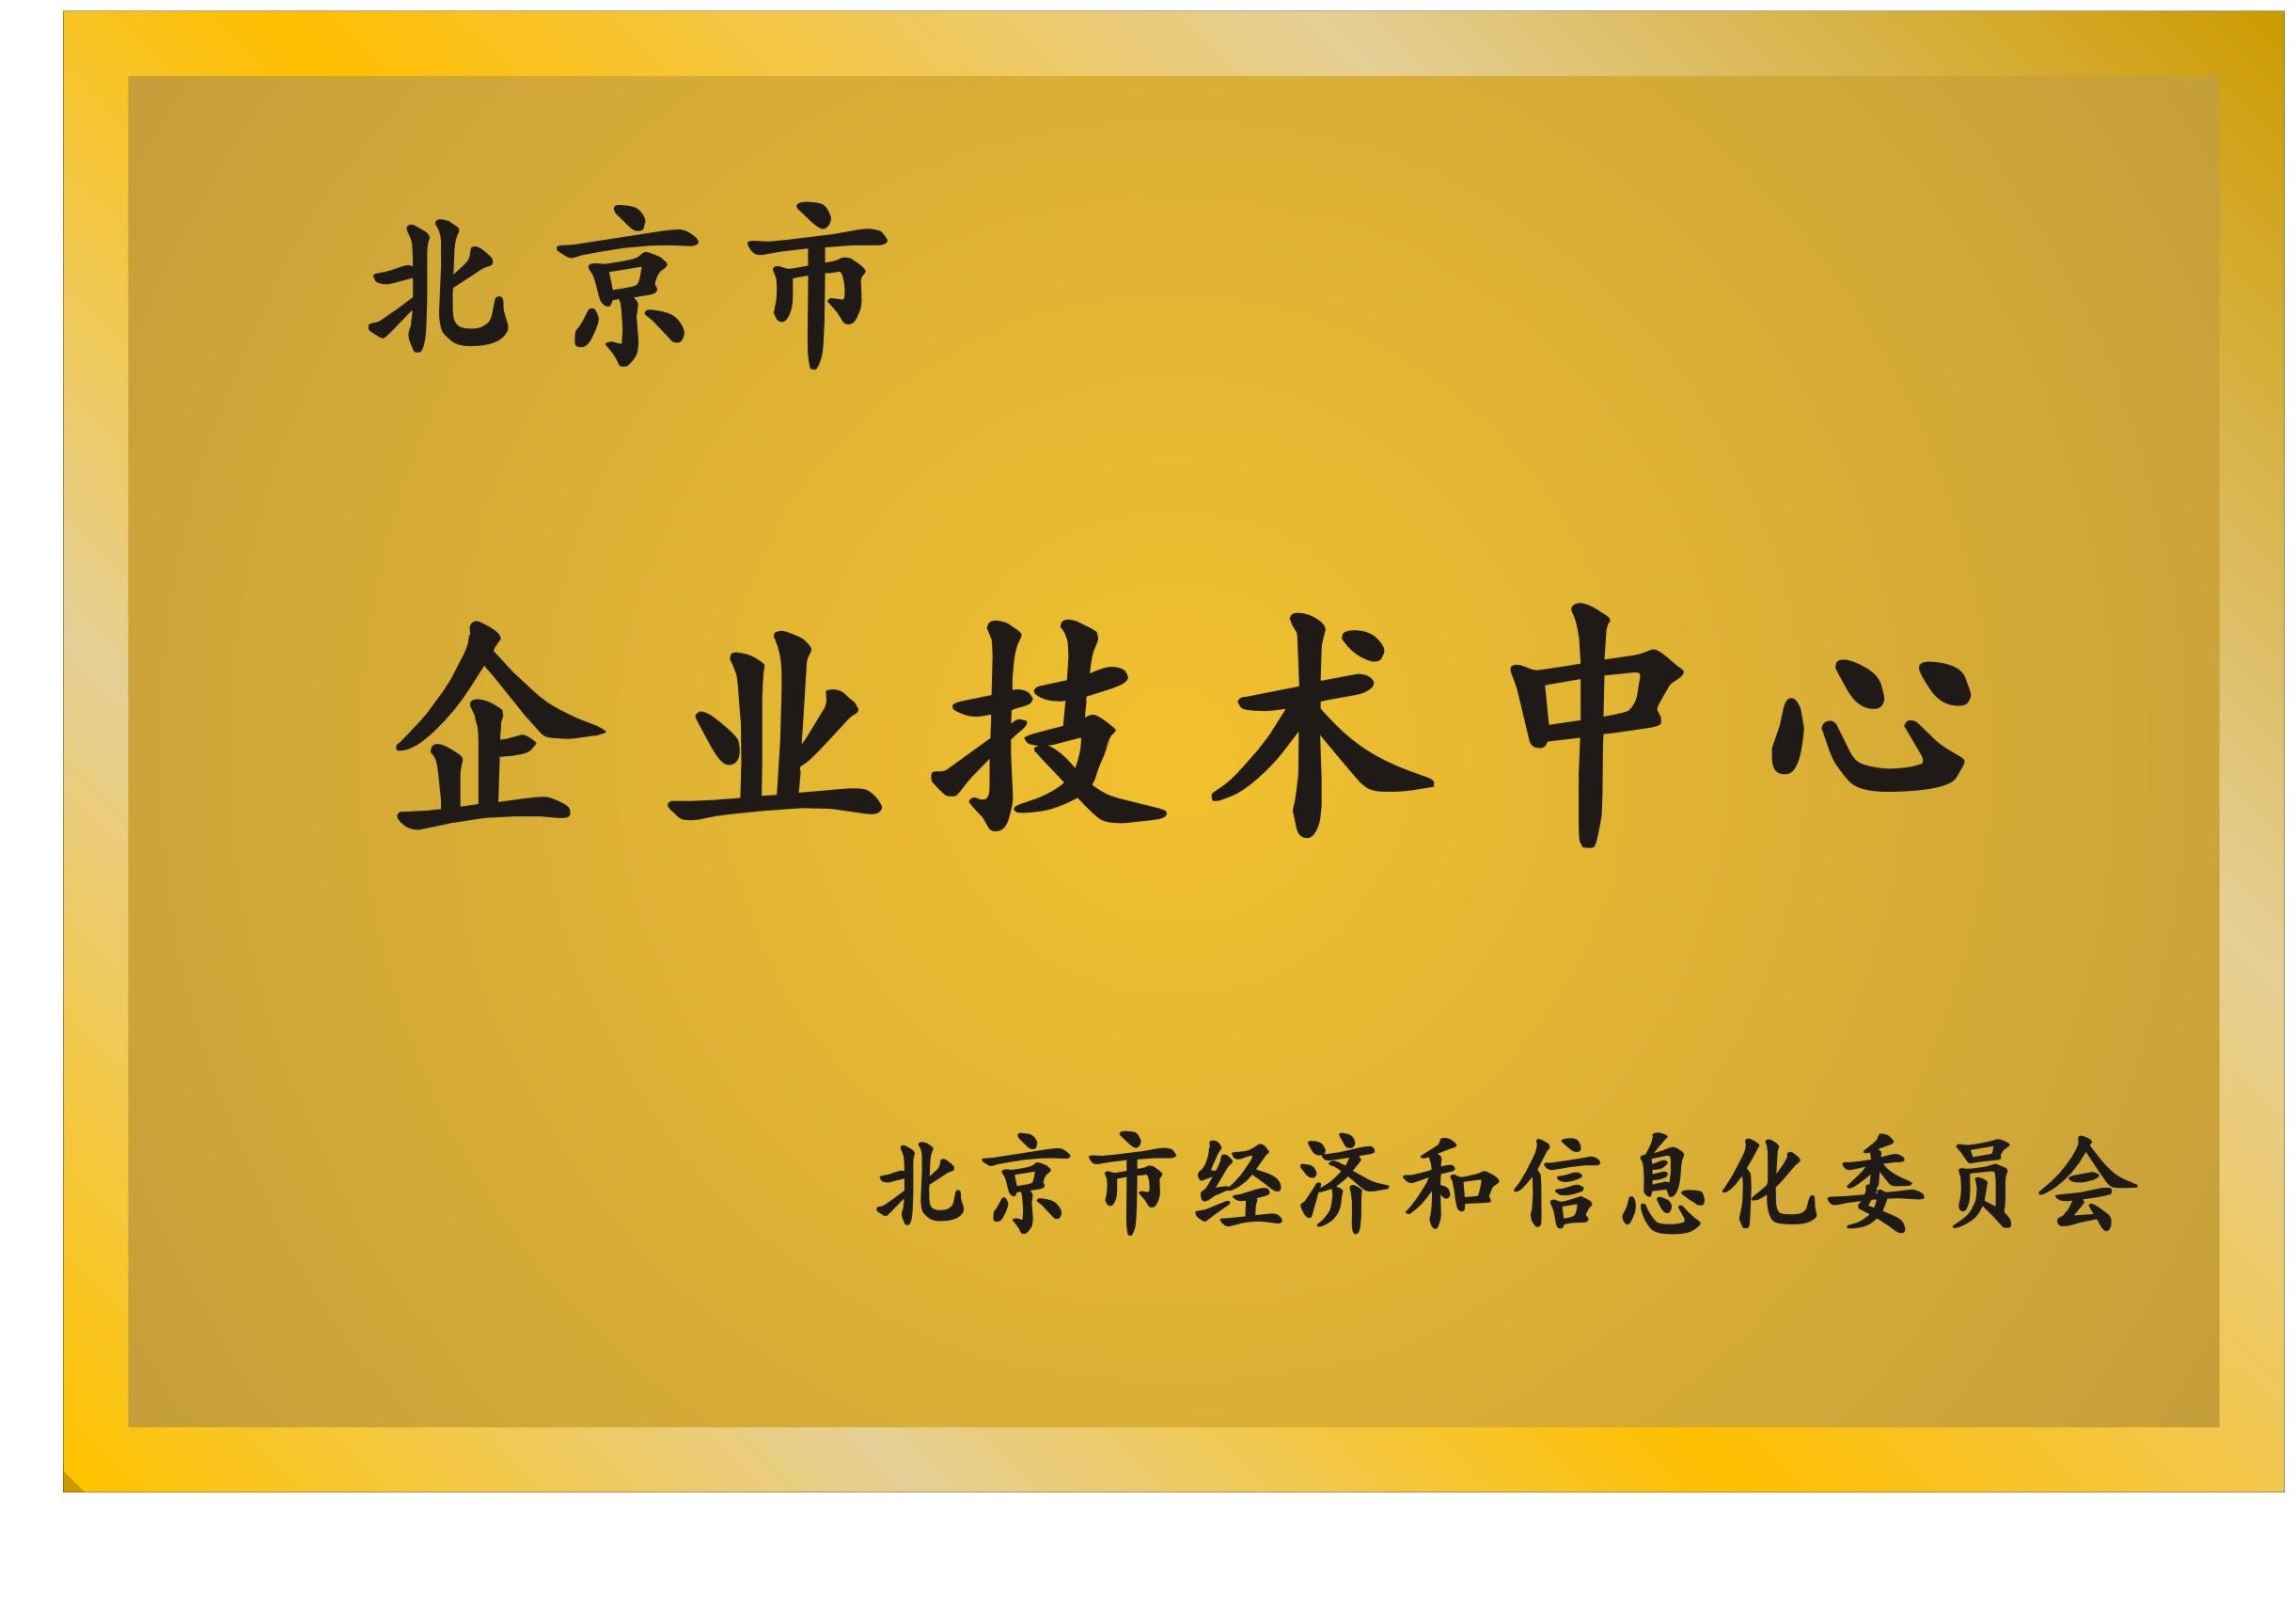 6.北京市企业技术中心